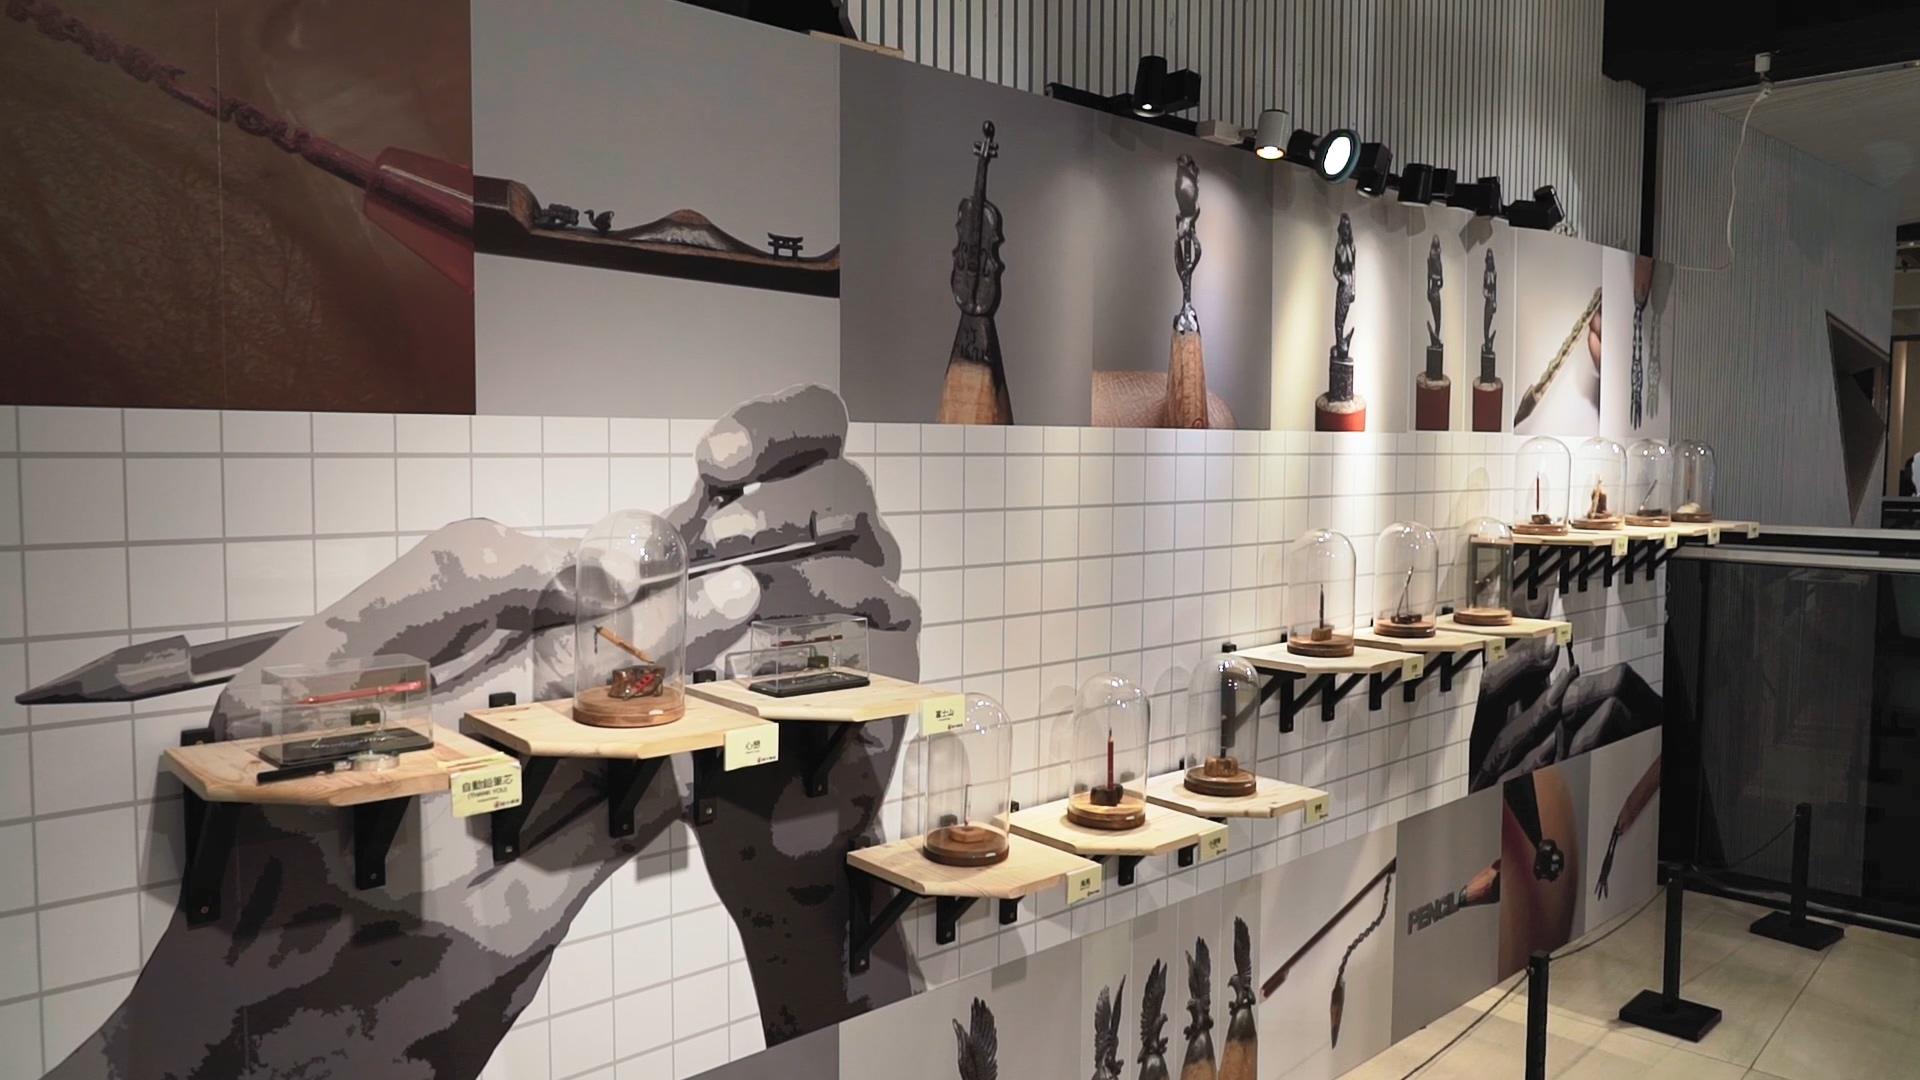 李健竹今年9、10月於中友百貨公司舉辦的筆芯微雕創作展「筆中友芯」。